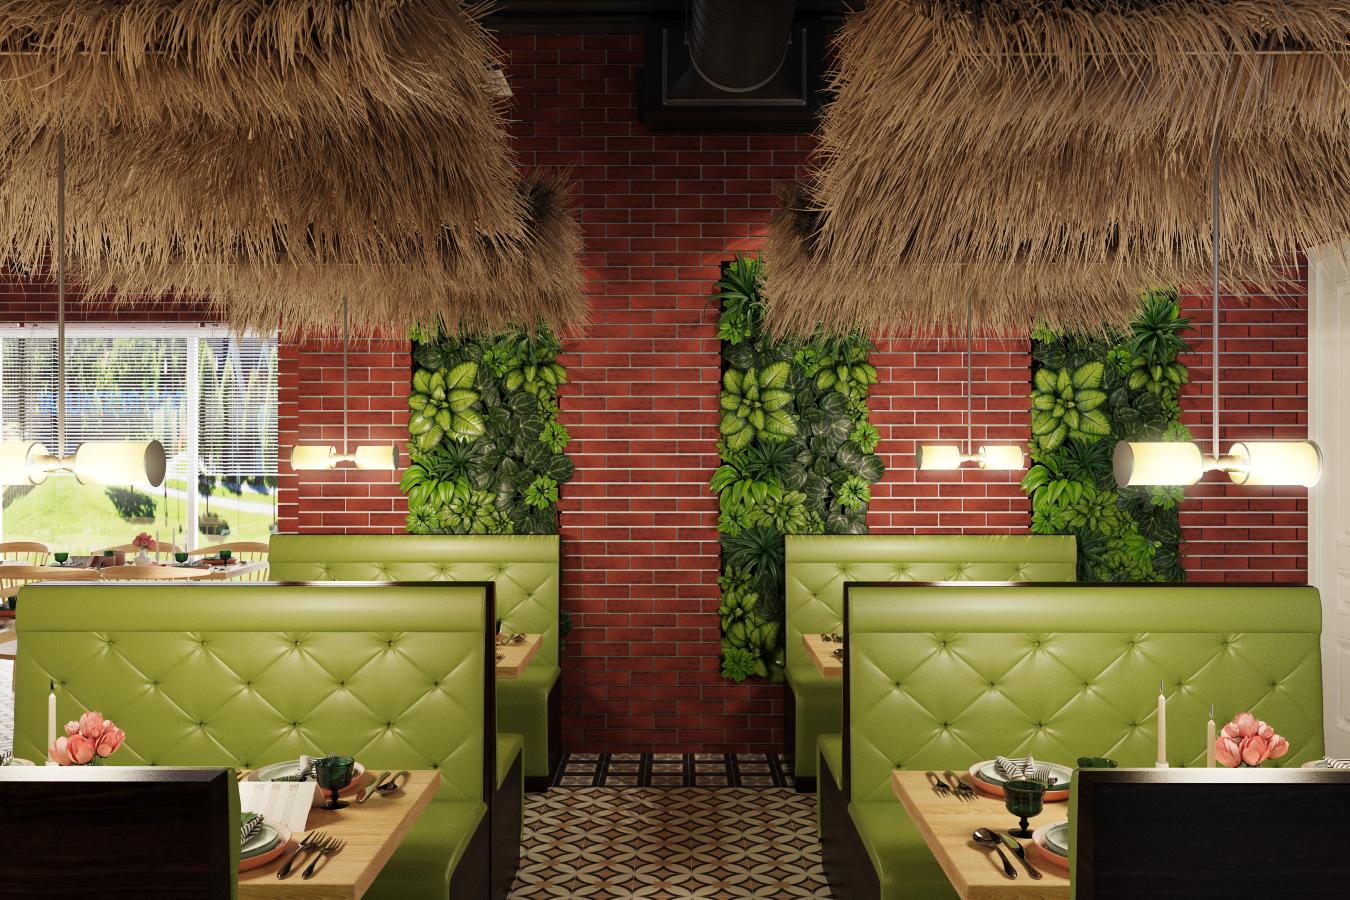 thiết kế nội thất Nhà Hàng tại Hà Nội Nhà hàng - Massage 0 1550809513